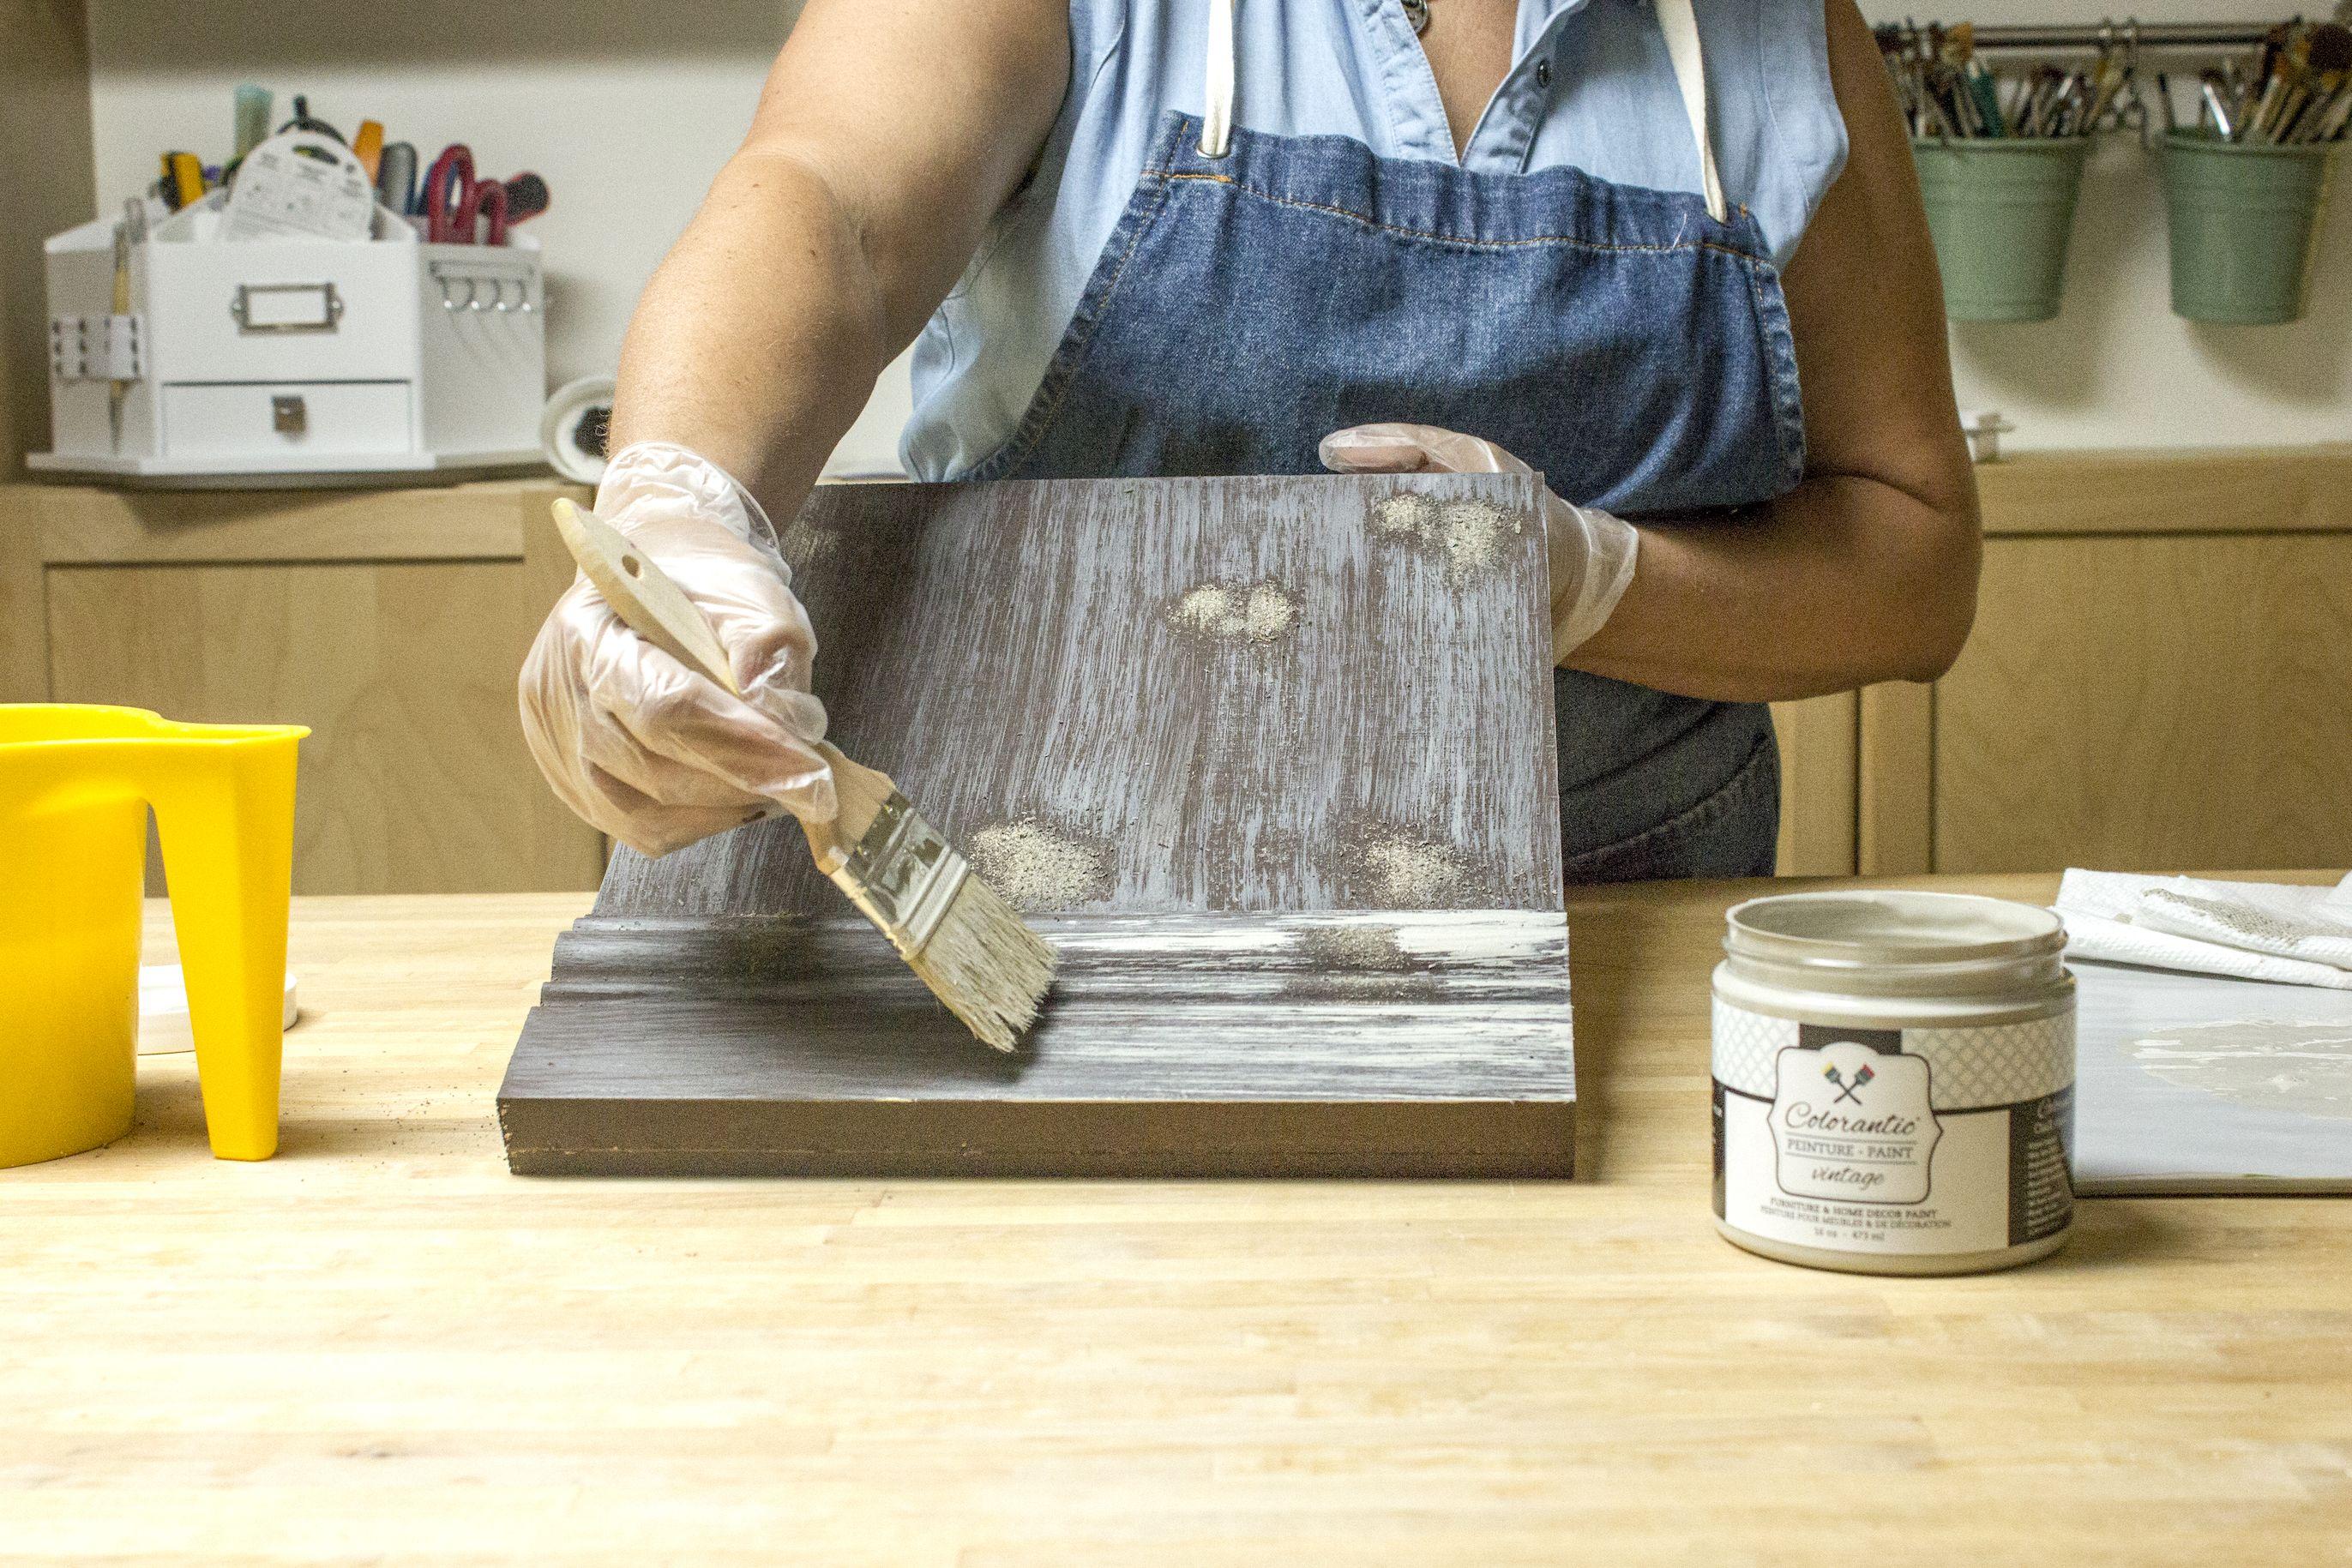 Apprenez à peindre un faux fini imitation bois de grange avec la peinture à base de craie Colorantic